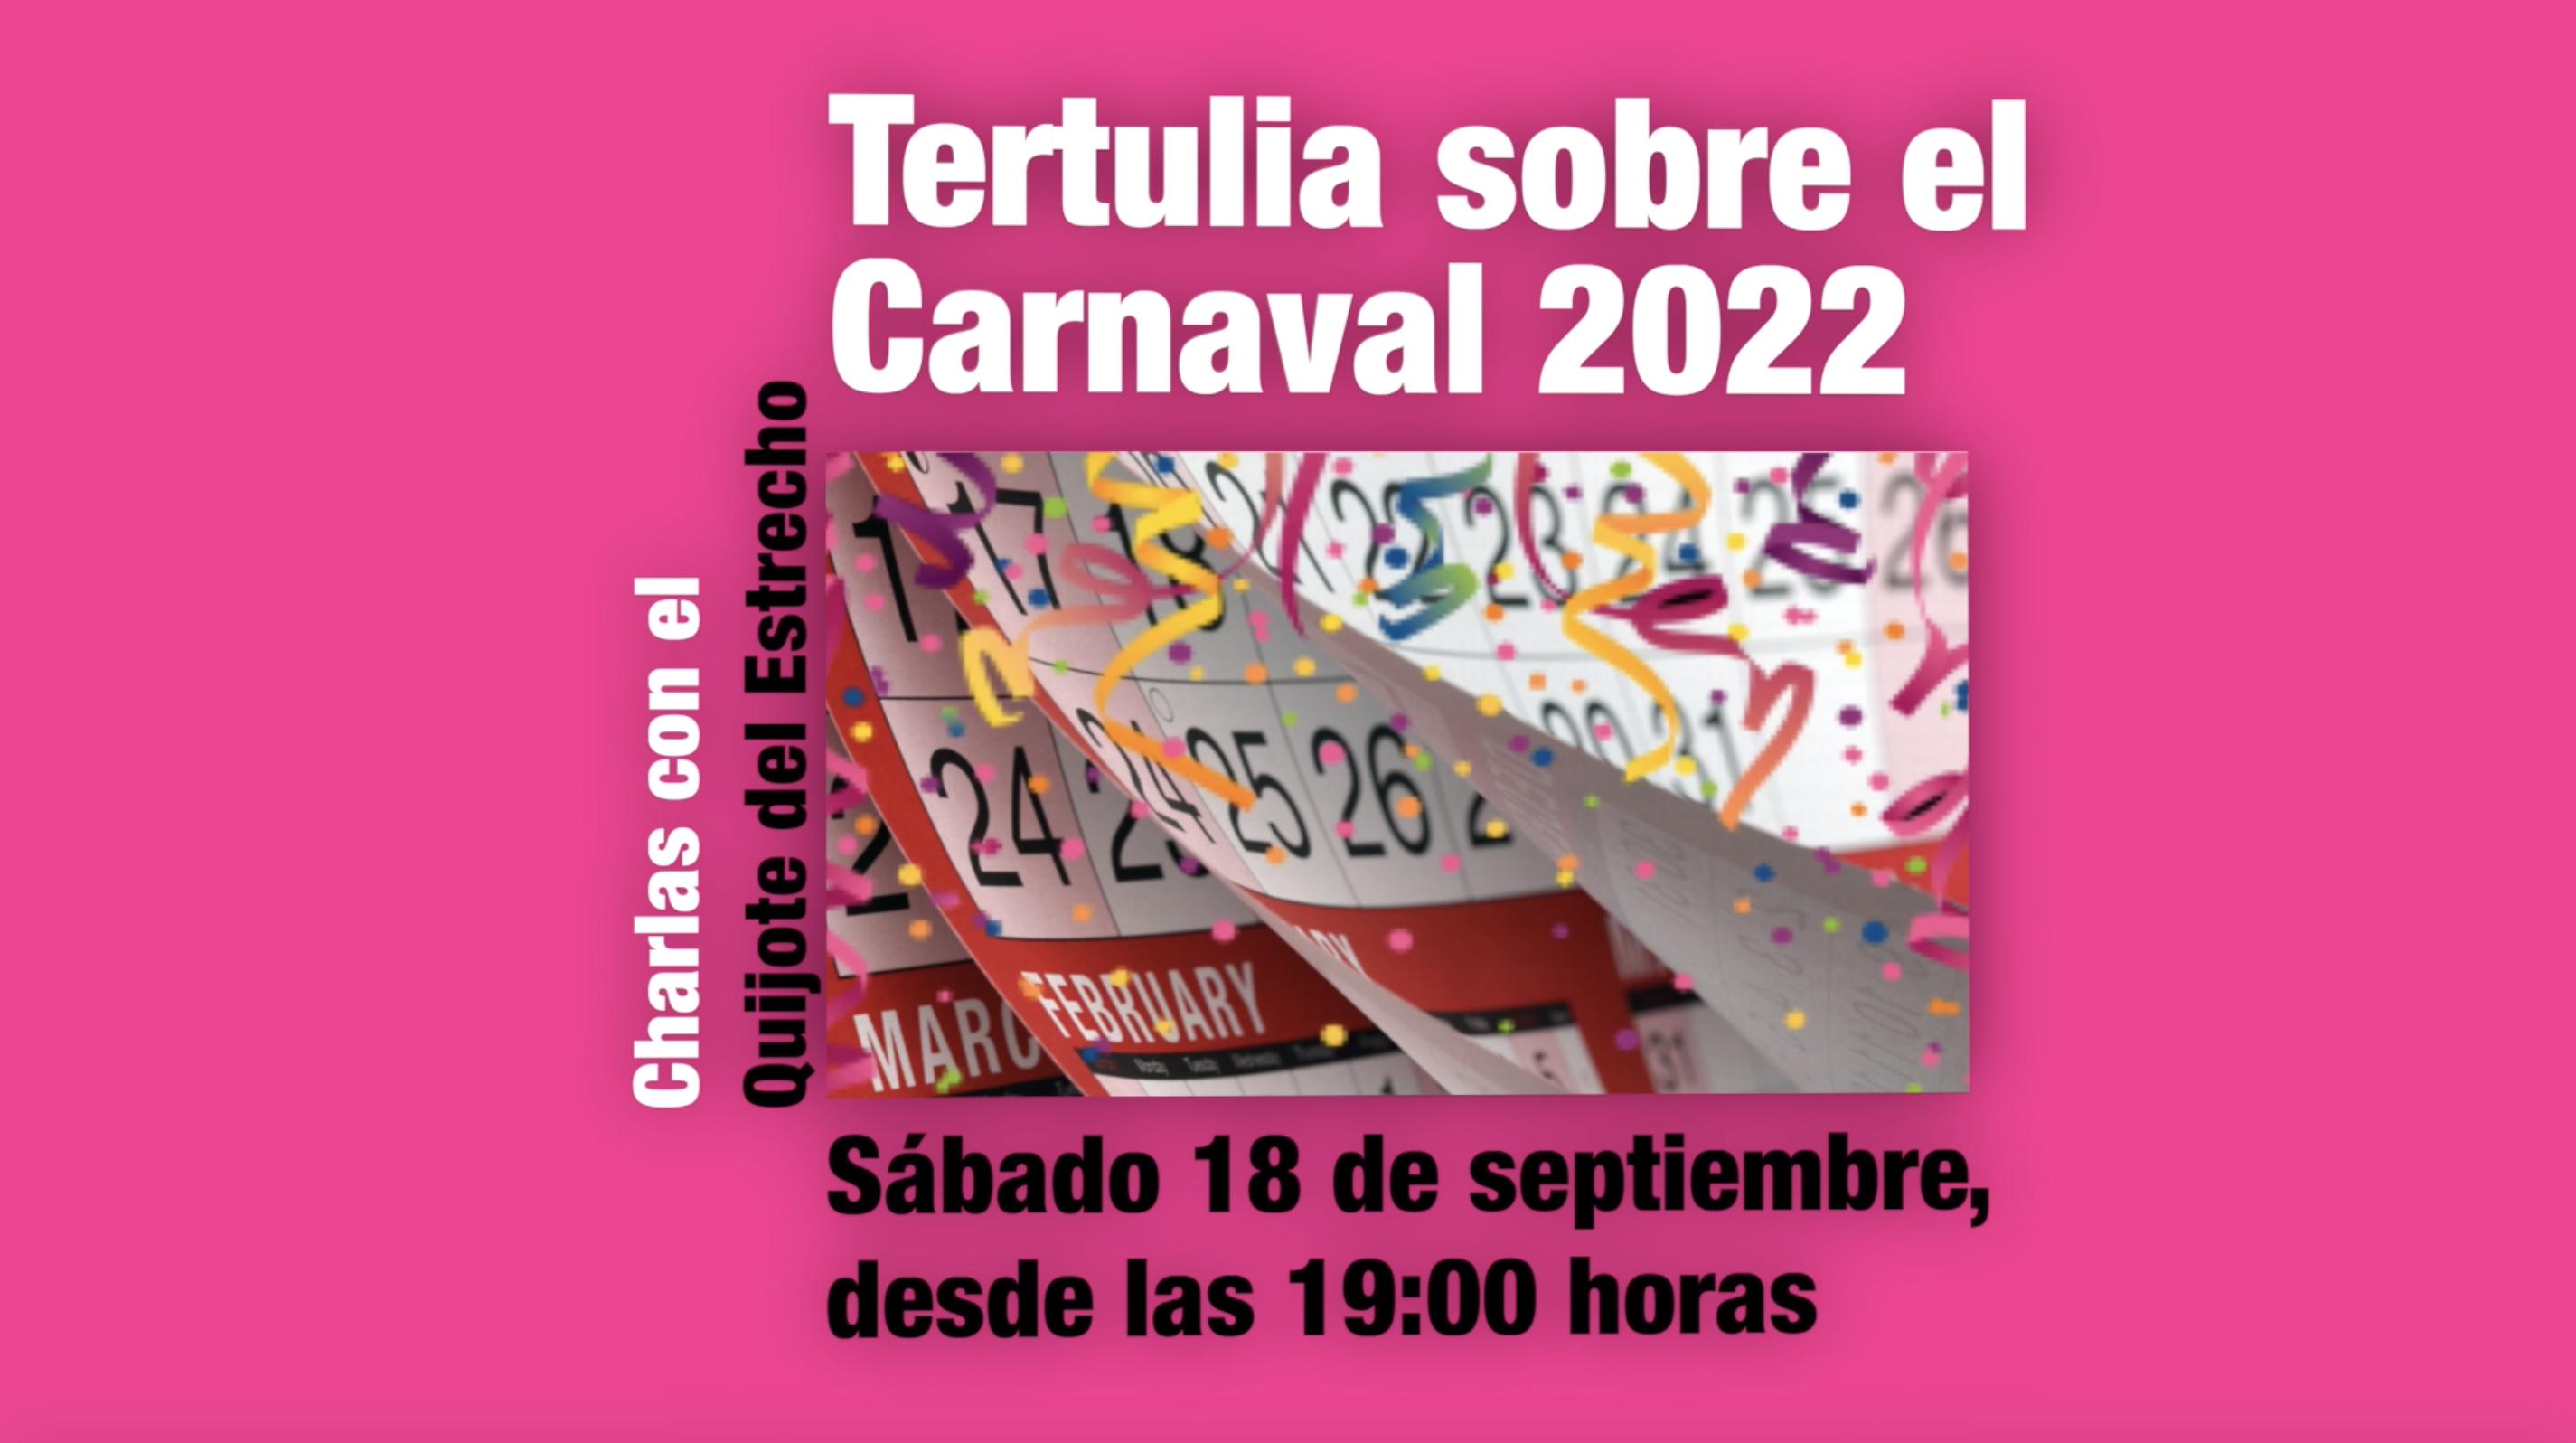 Tertulia sobre el Carnaval 2022